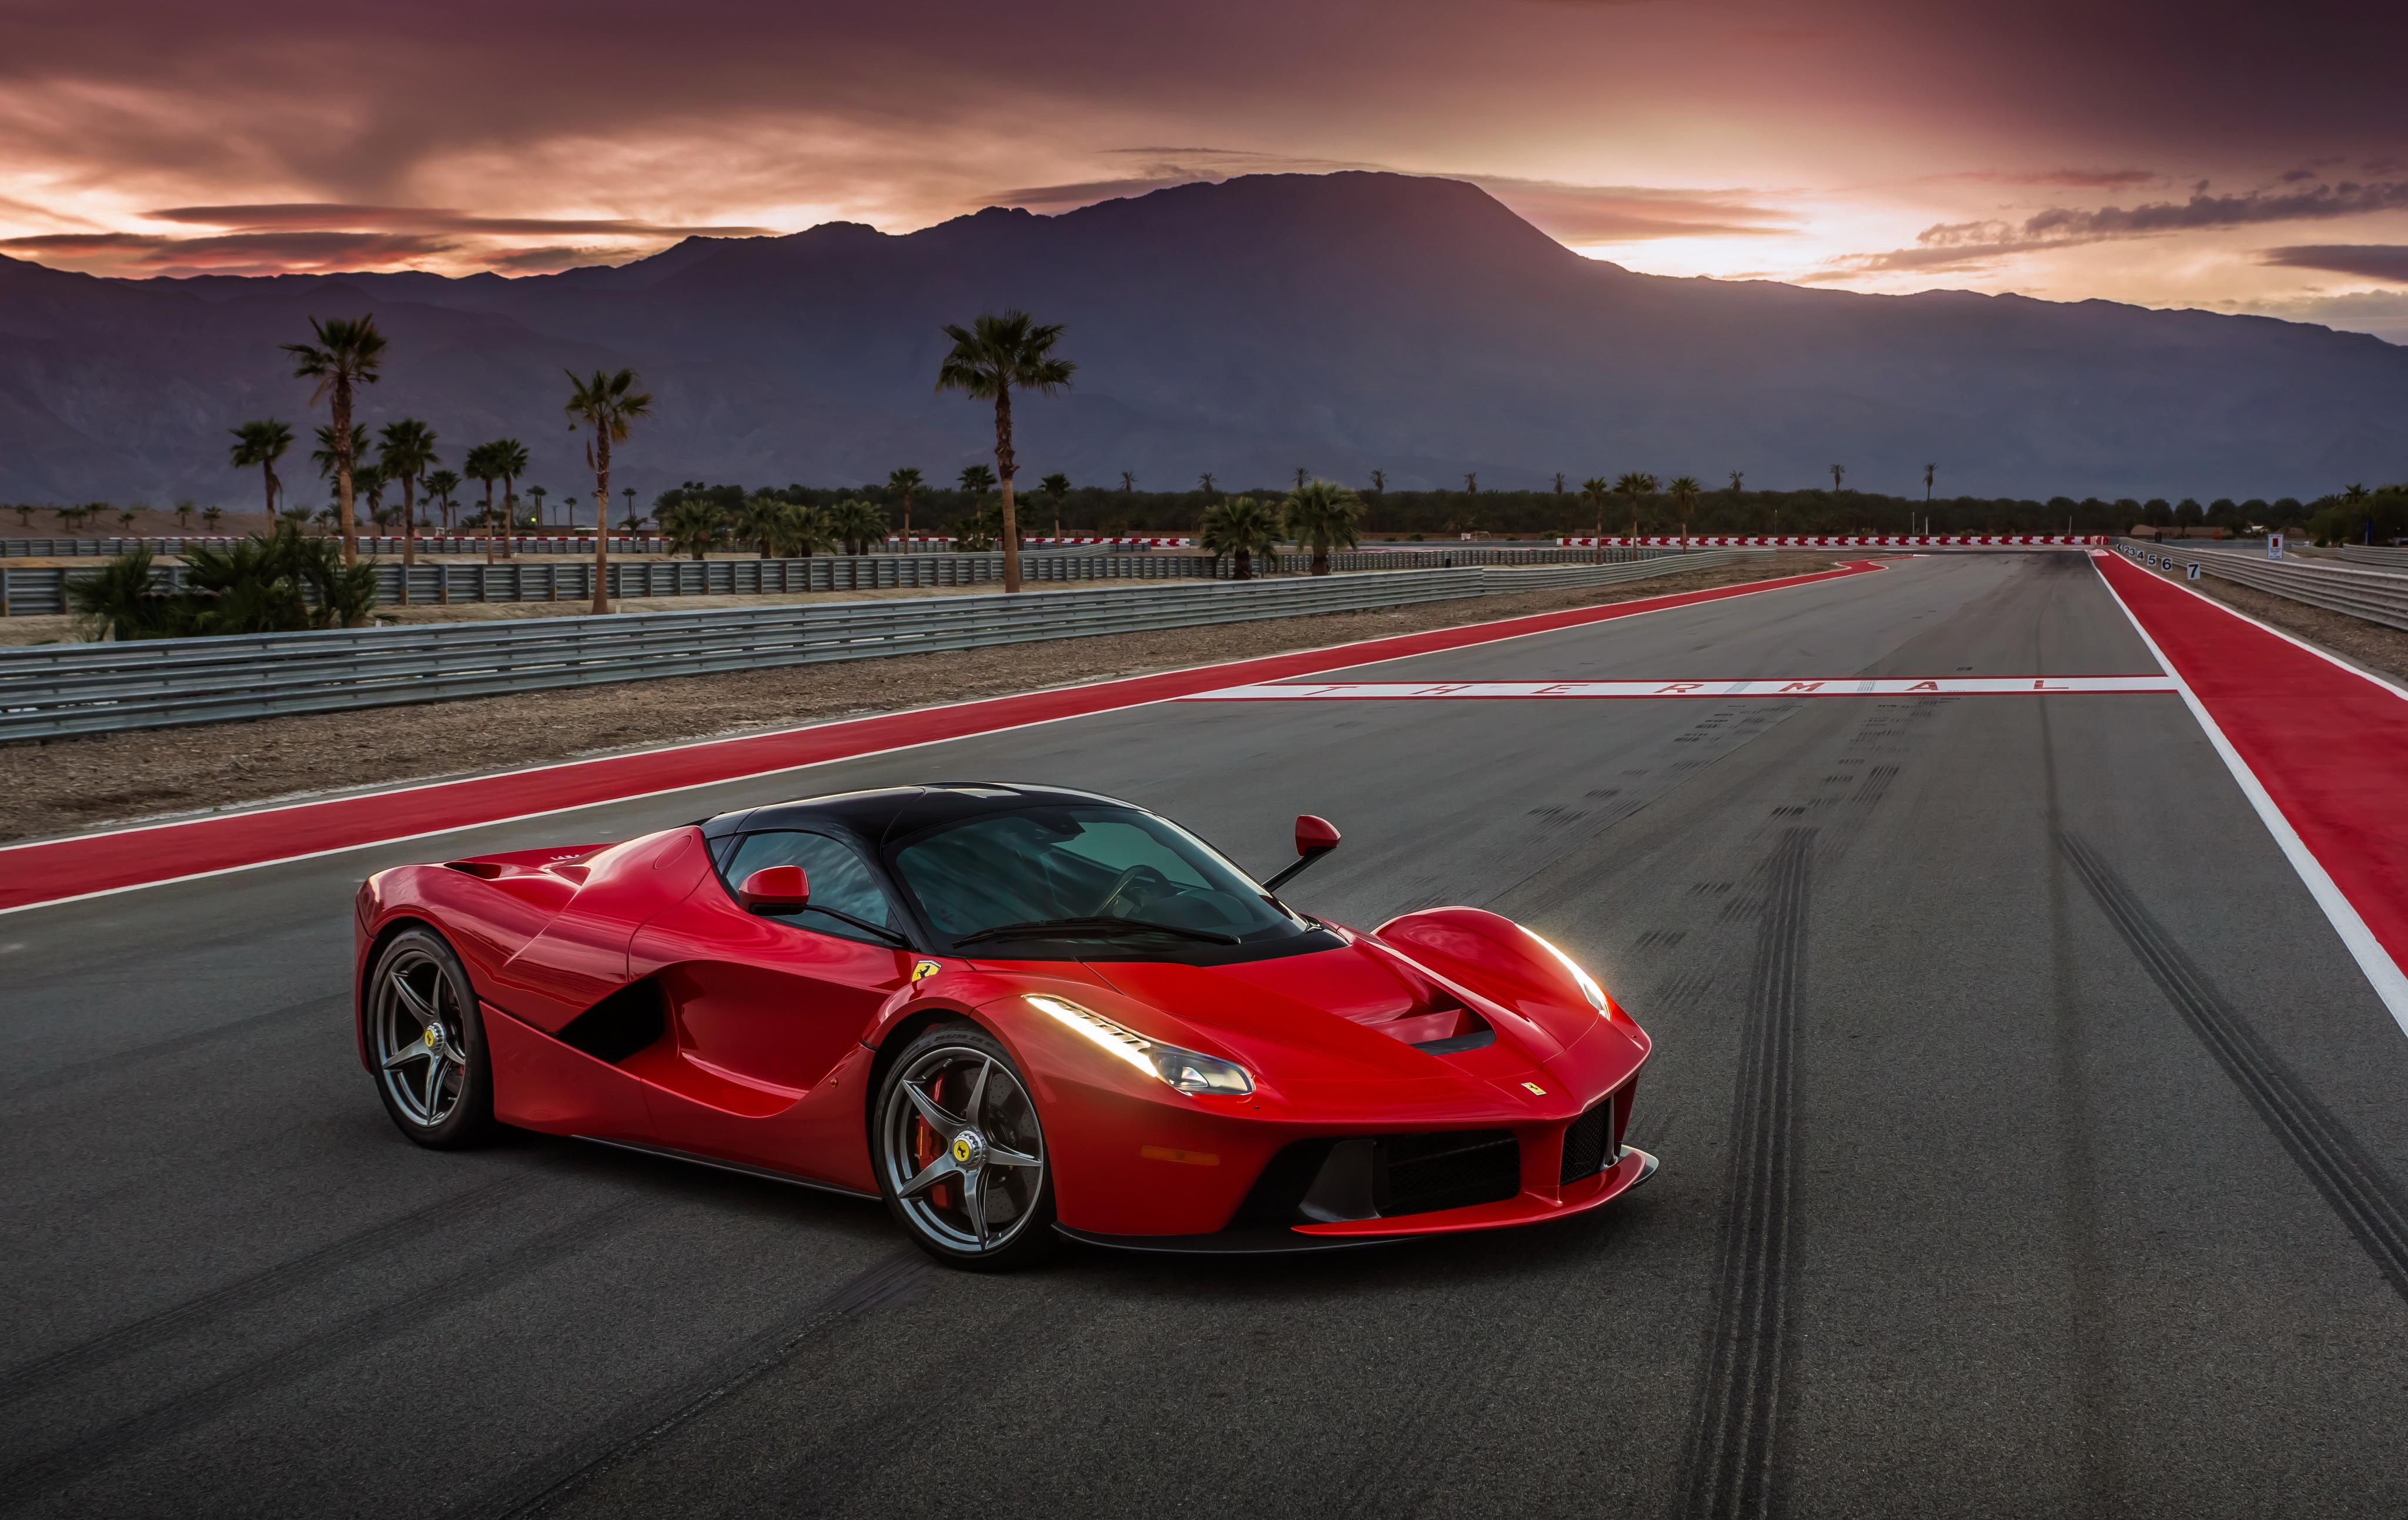 94192 papel de parede 480x800 em seu telefone gratuitamente, baixe imagens Ferrari, Carros, Vista Lateral, Laferrari 480x800 em seu celular